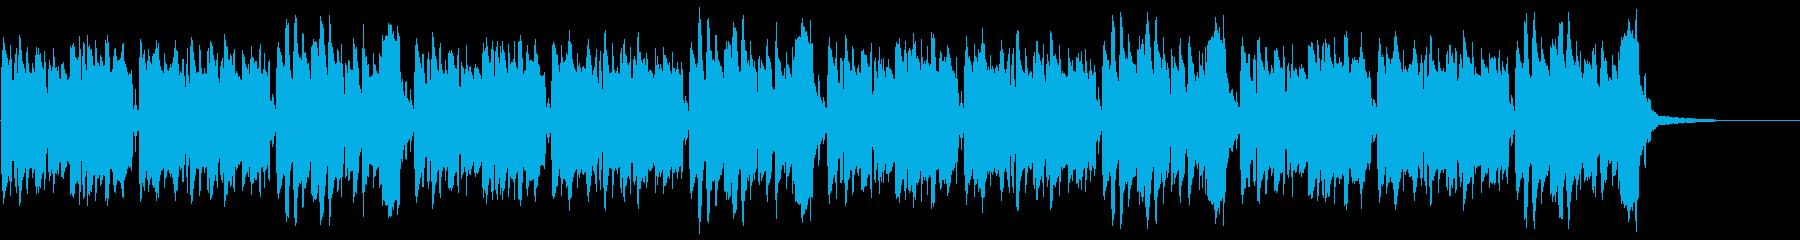 かたつむり(童謡)の再生済みの波形